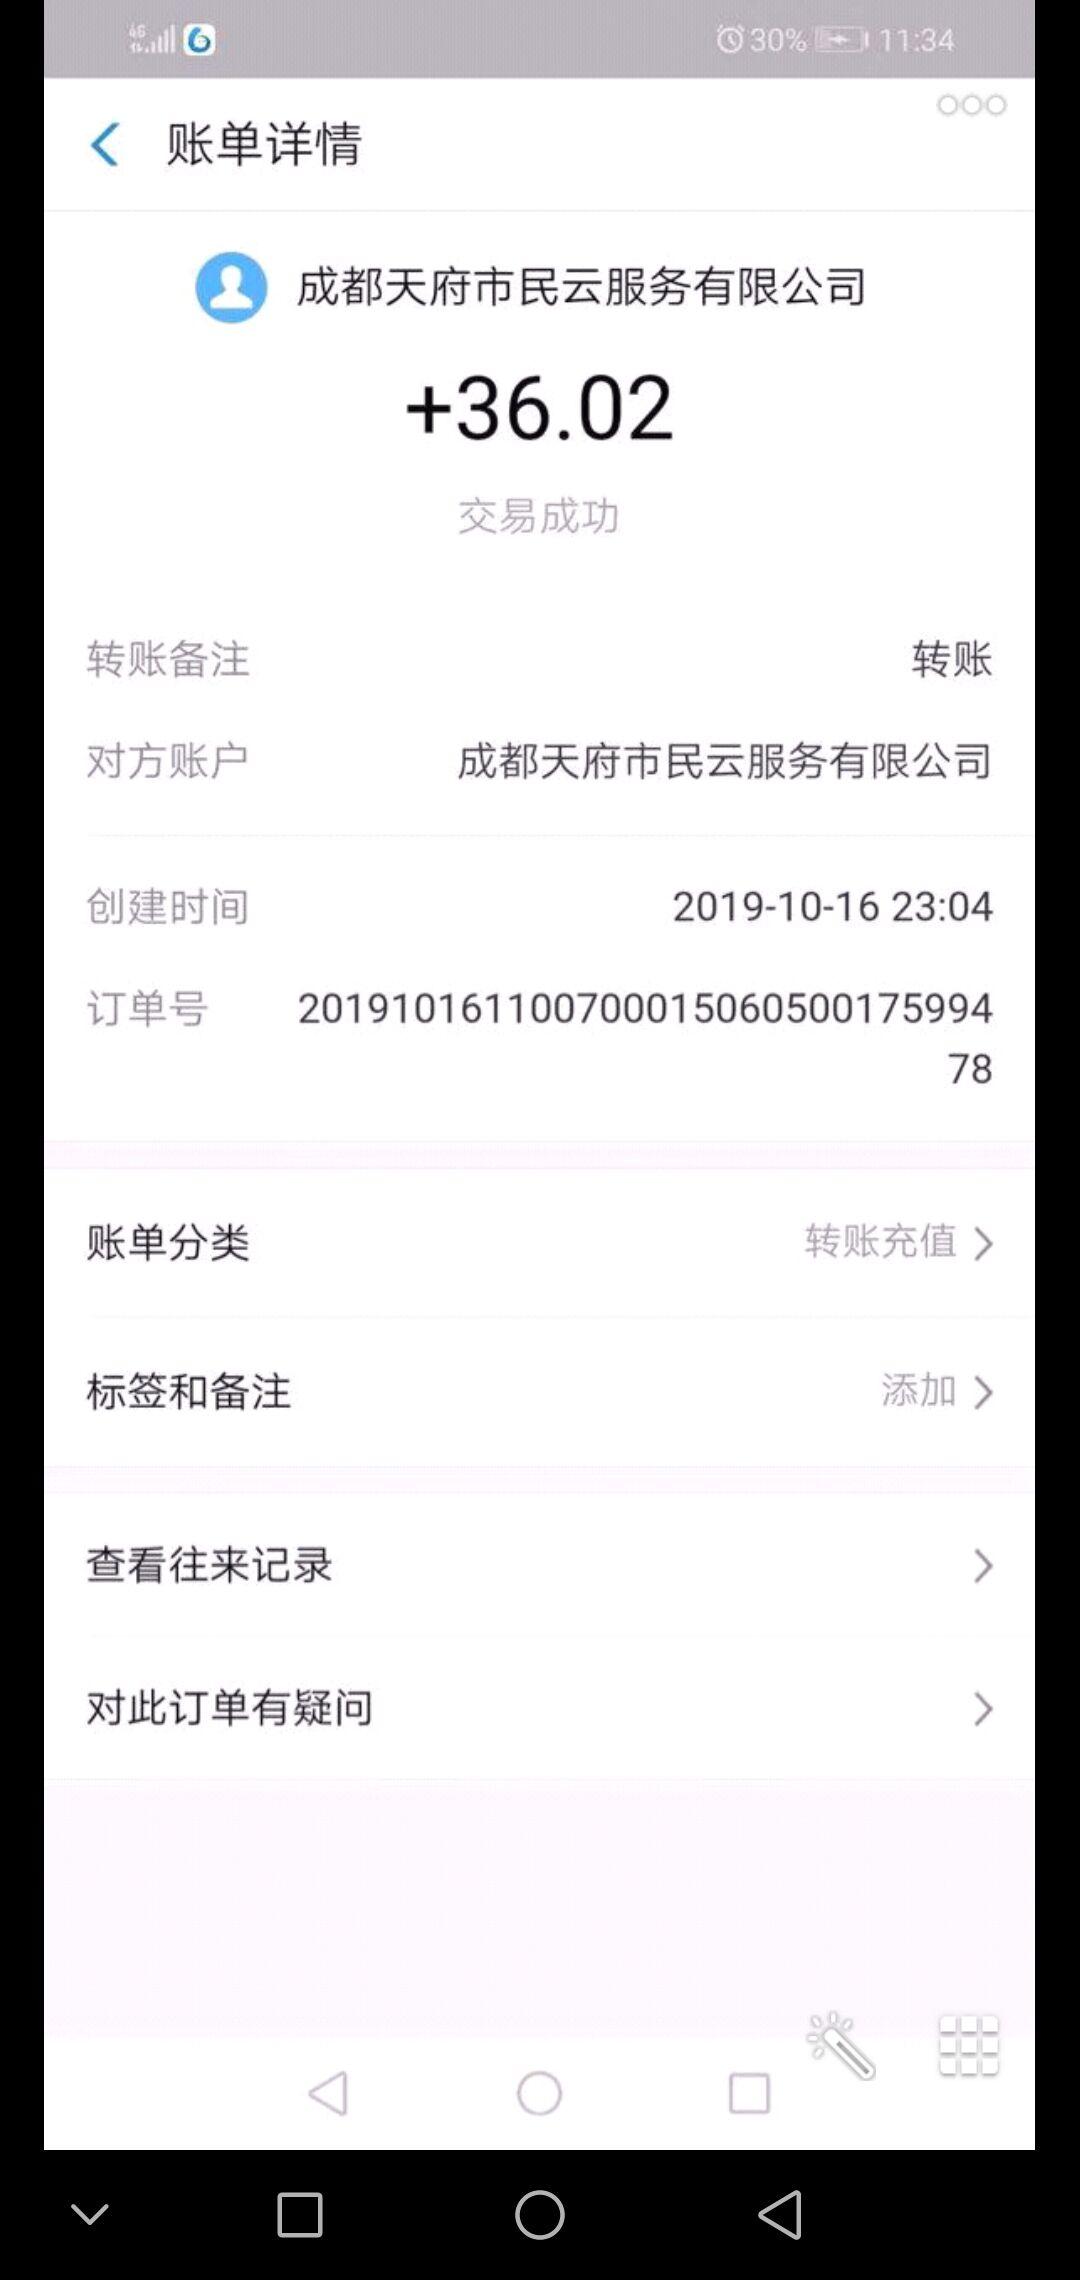 天府市民云:授权支付宝送5元(可提现)邀请新用户一次奖励5元,大毛以测试到账插图(3)